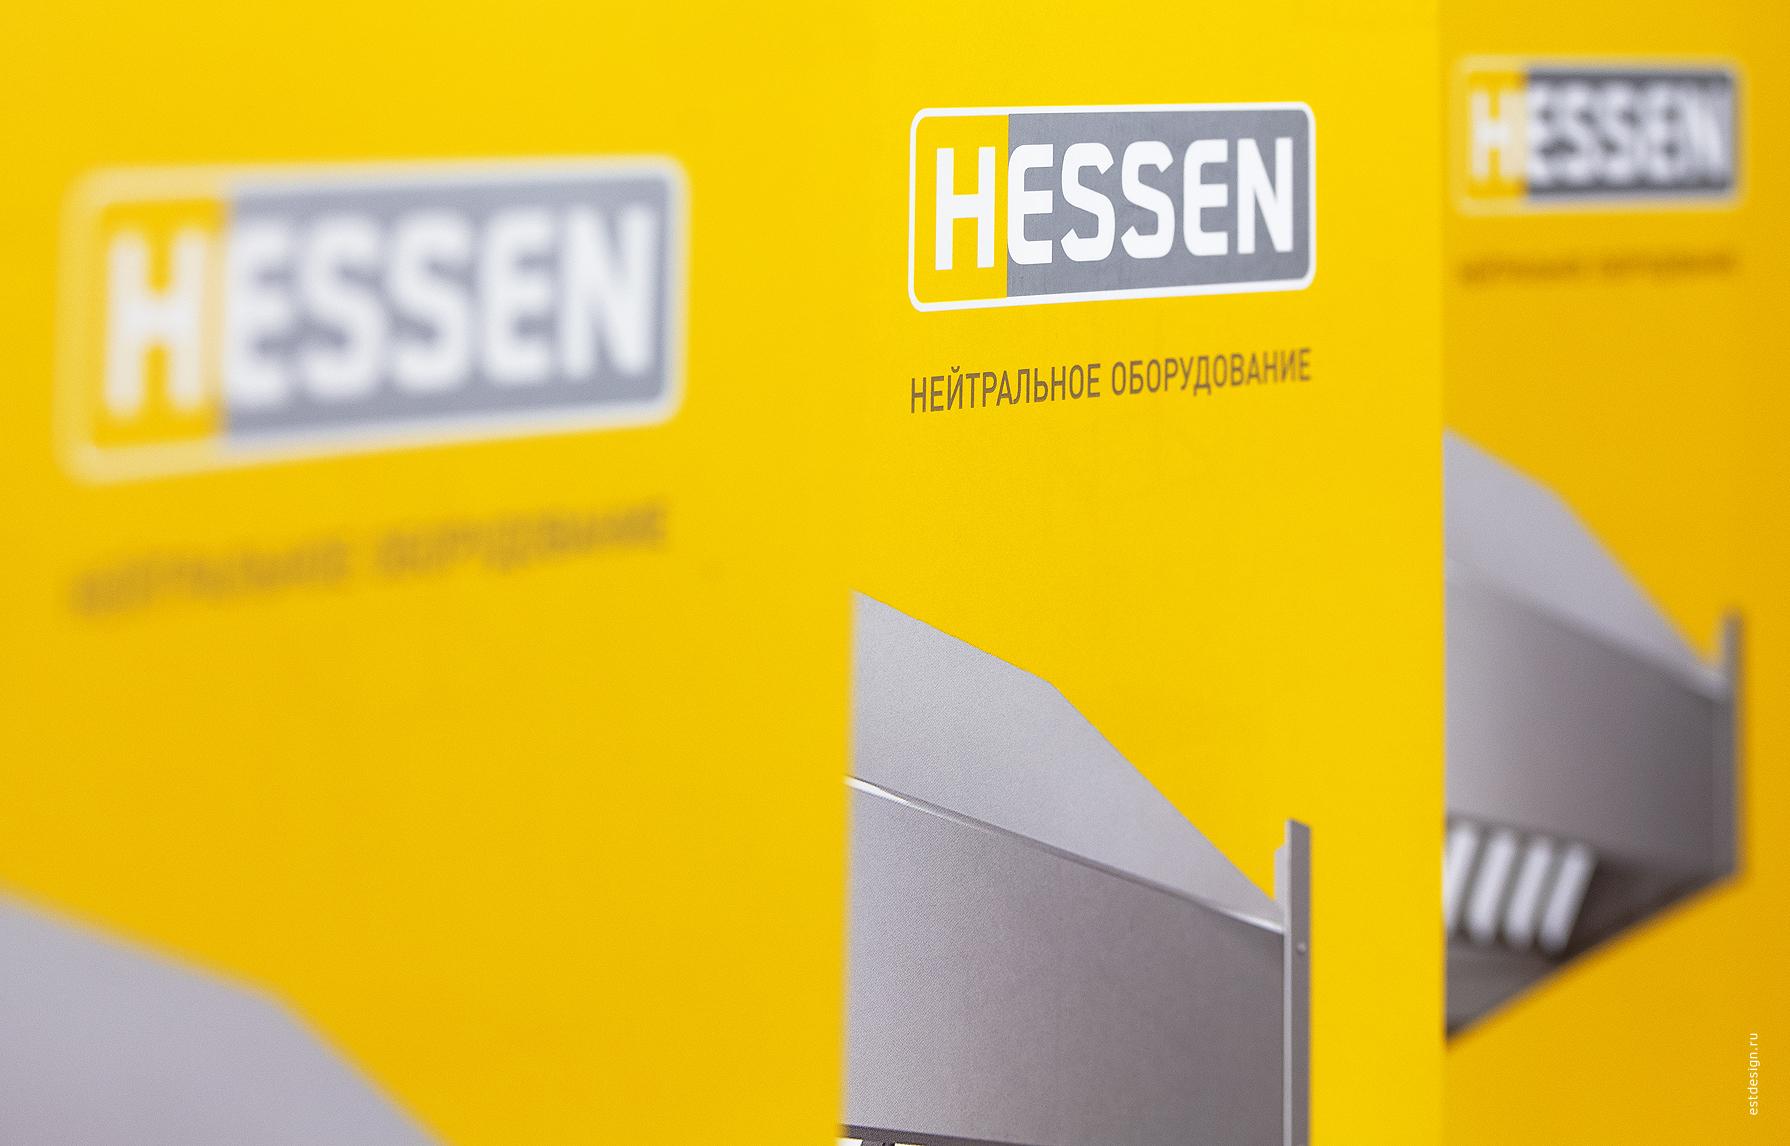 Дизайн каталогов Hessen